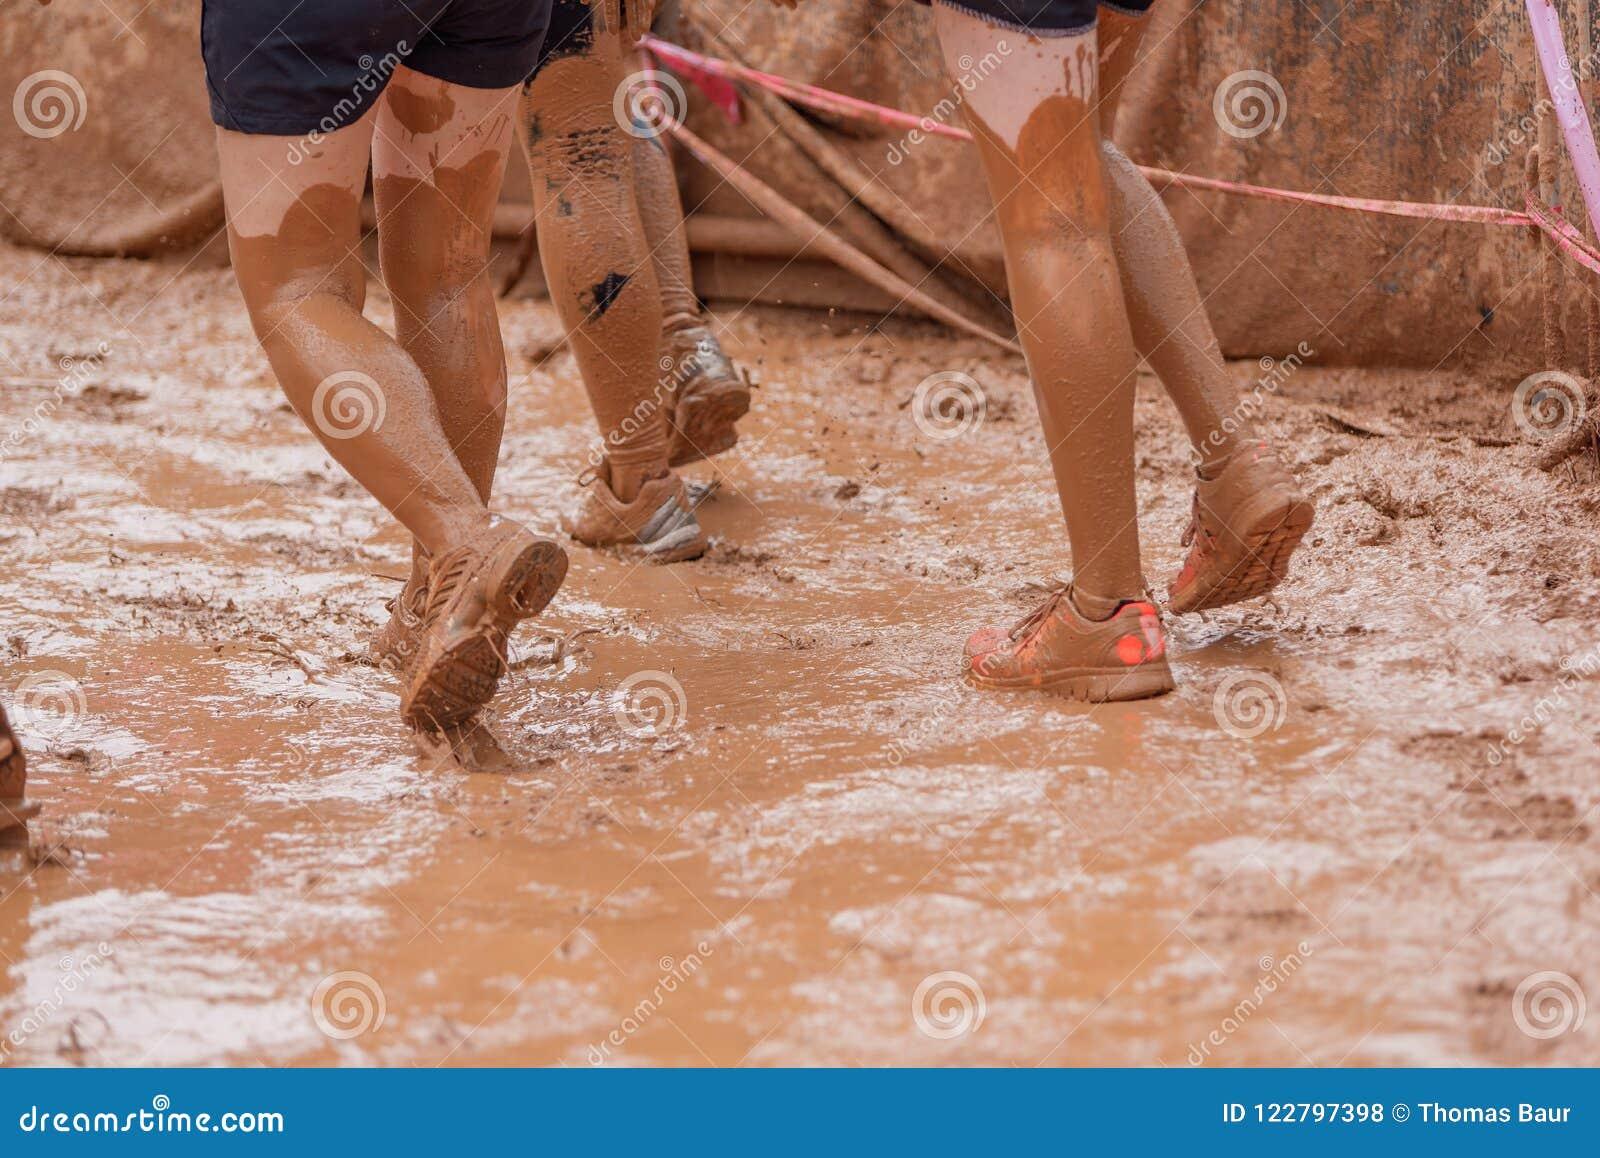 De agentvrouwen die van het modderras in de modder onder hindernissen kruipen